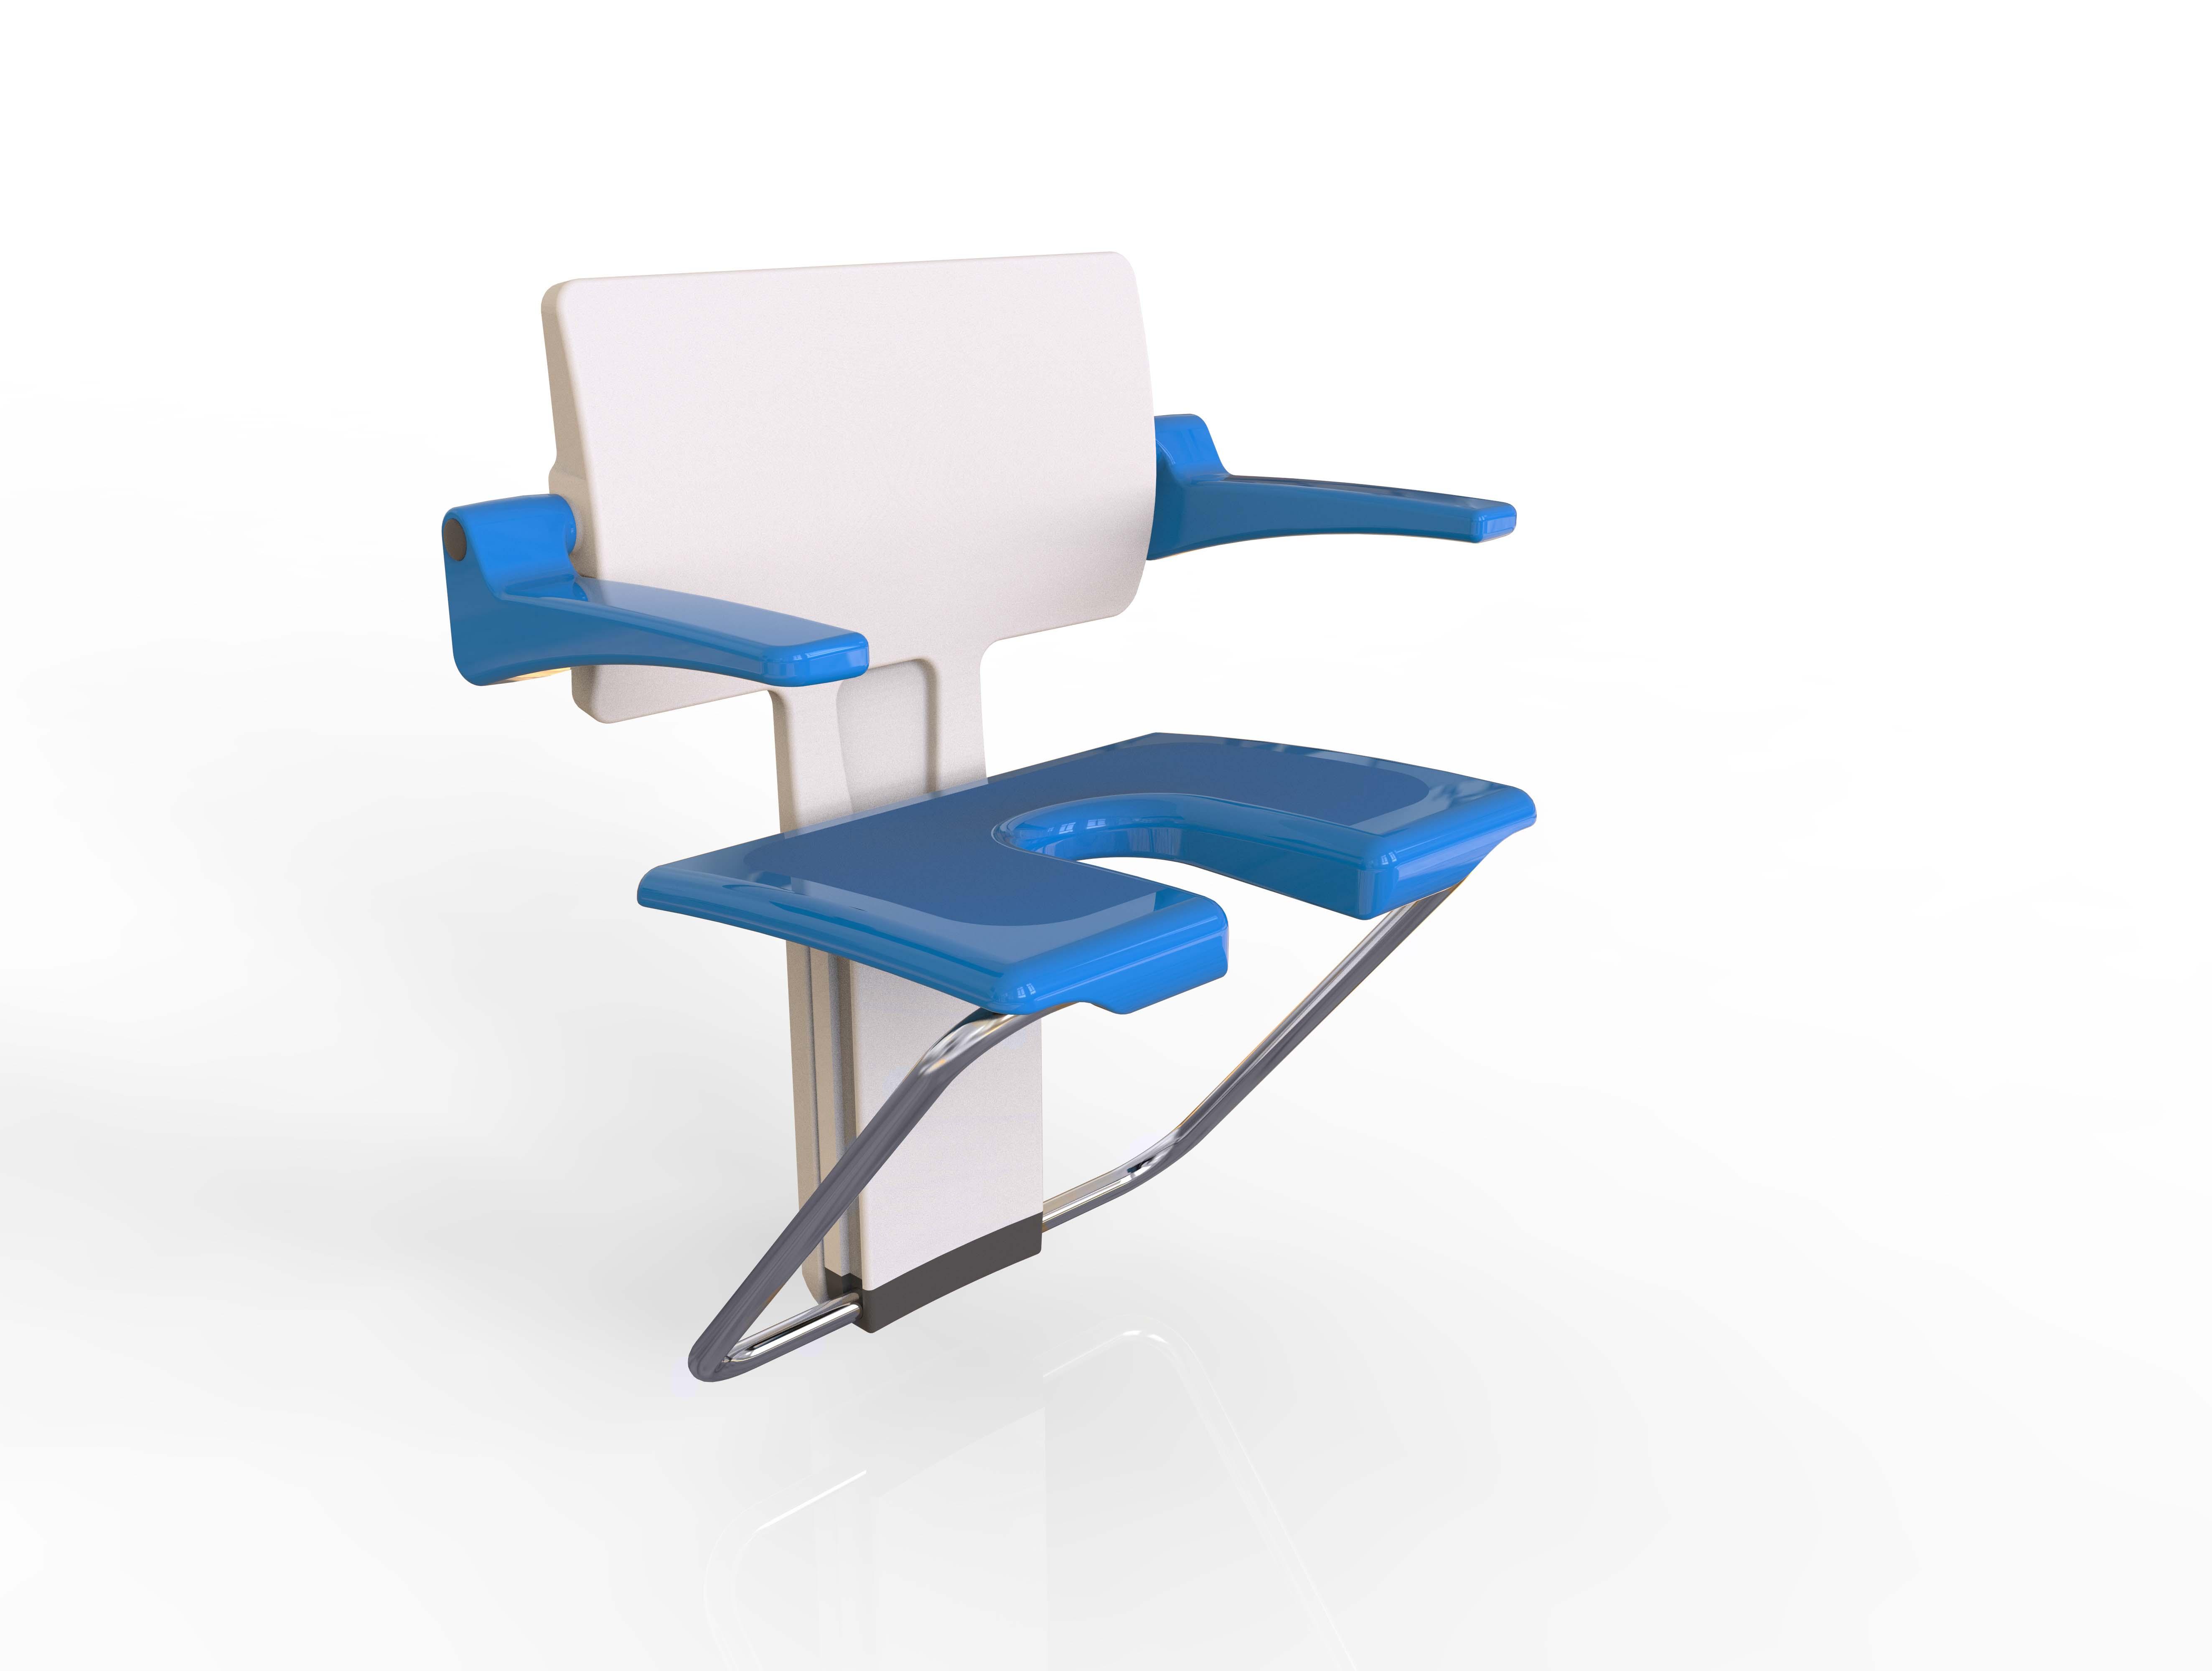 Impey Slimfold Horseshoe seat